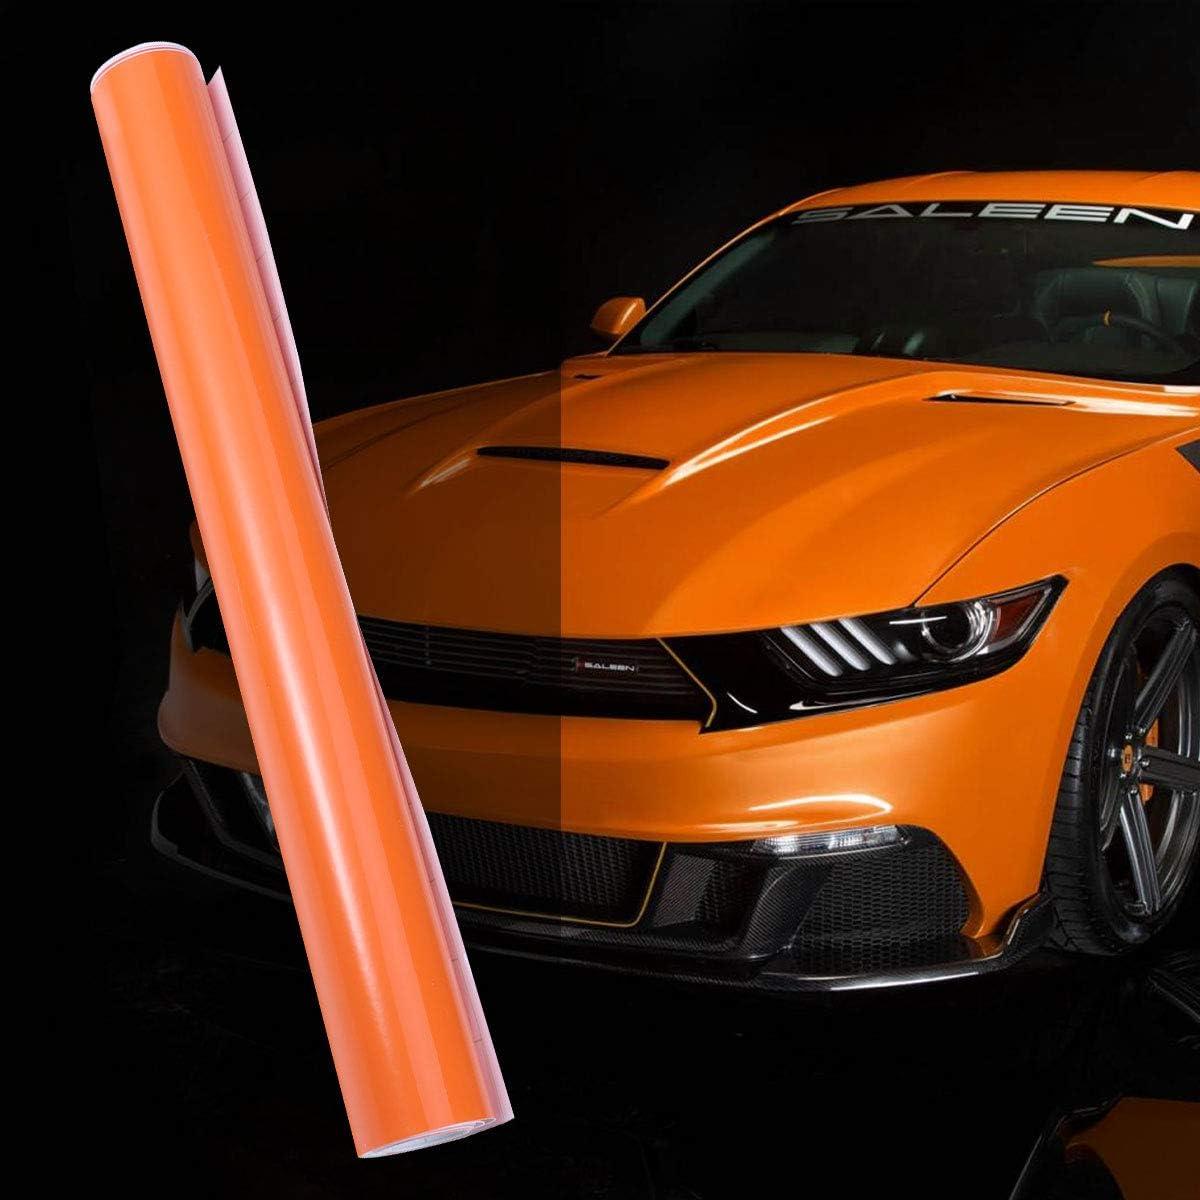 Vosarea Vinilo Adhesivo PVC para Coche Decoración Auto Vehículo Vinilo Traslucido de Coche Naranja Brillante 30x152CM: Amazon.es: Coche y moto